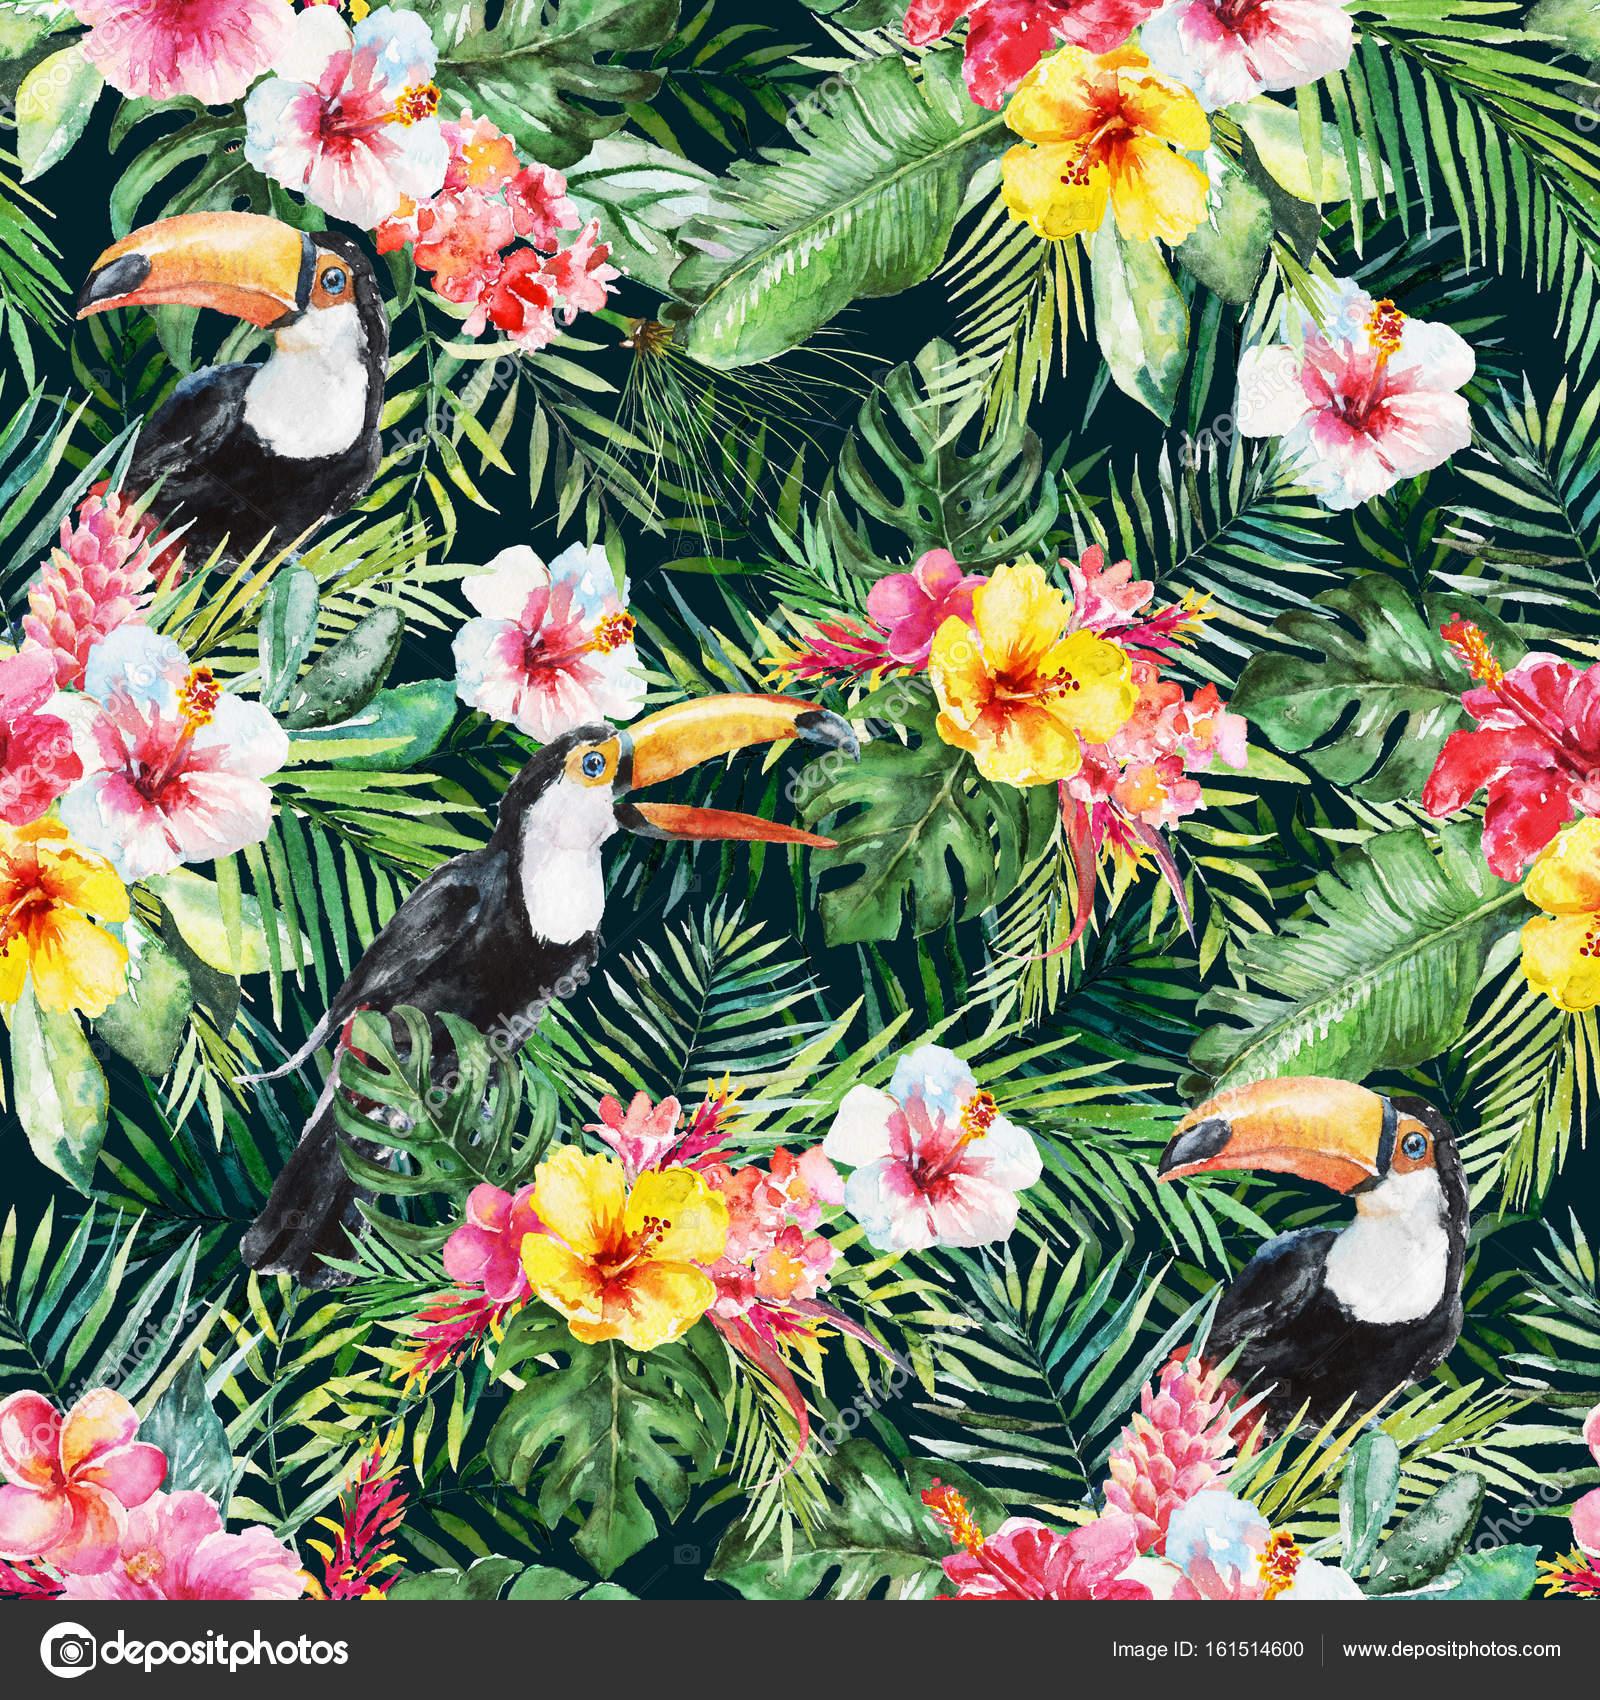 b991085700d404 Grüne Palmblätter, weiße Tukan Vogel, bunte Blumen auf dem schwarzen  Hintergrund. Aquarell handgemalte Musterdesign. Tropischen Abbildung.  Dschungel Laub.